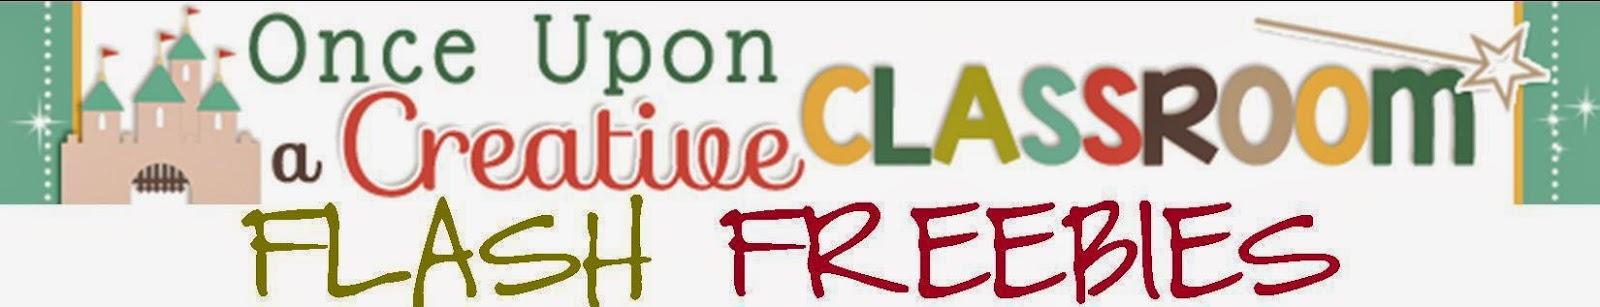 http://www.teacherspayteachers.com/Store/Once-Upon-A-Creative-Classroom